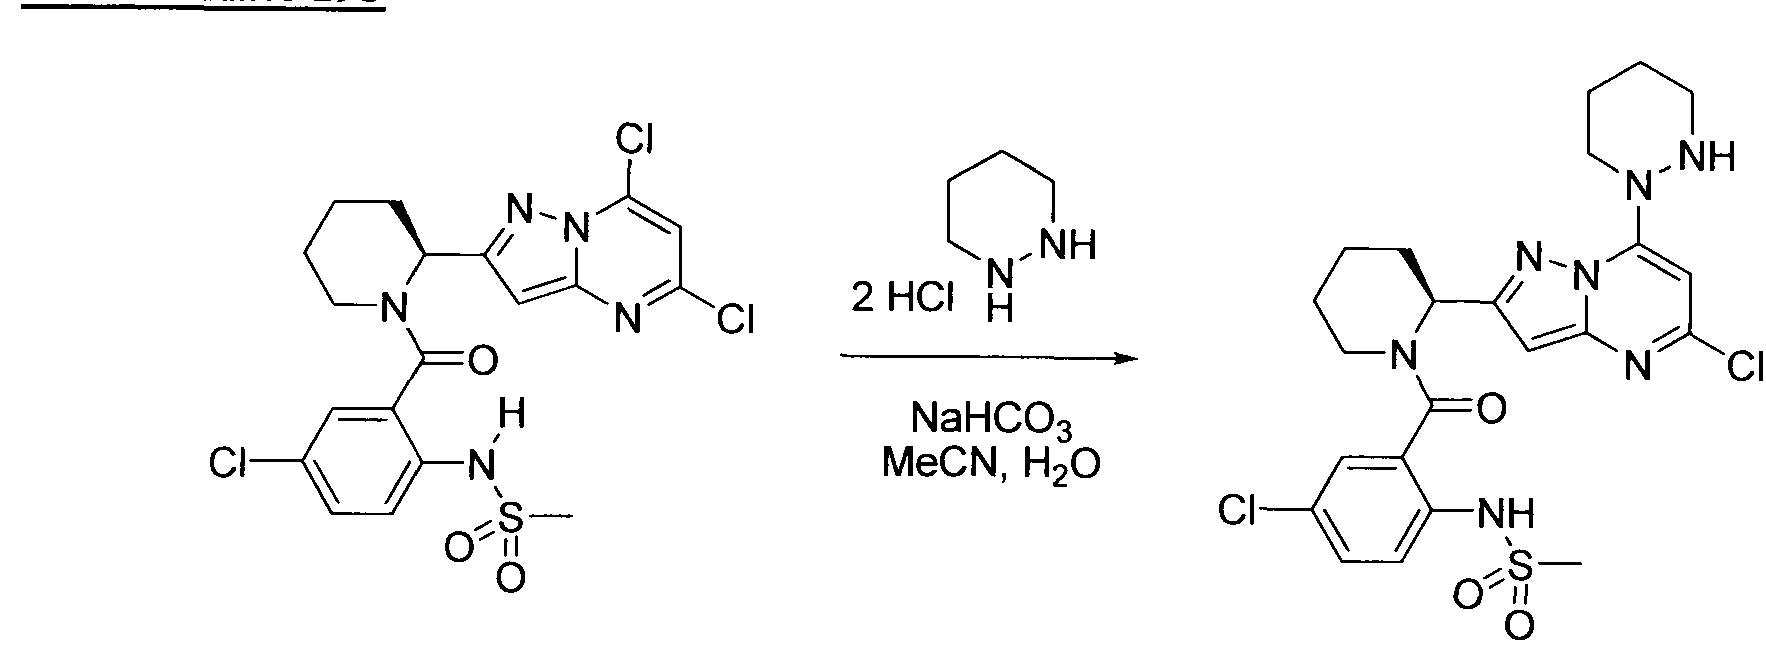 Figure imgf000437_0001